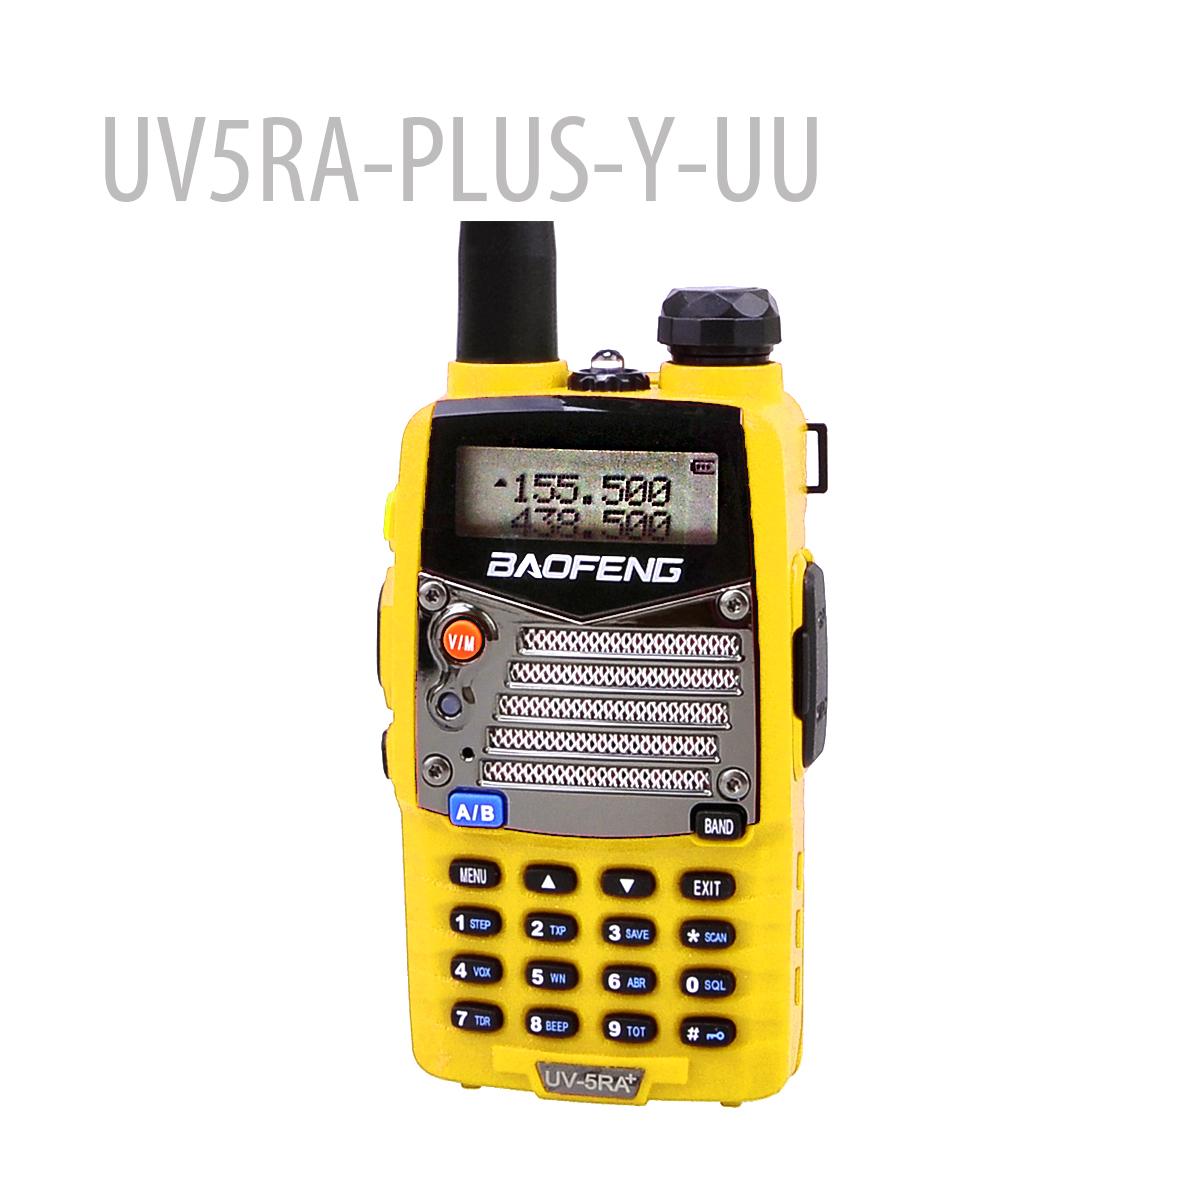 BAOFENG UV5RA-PLUS-YELLOW-UU 136-174/400-520MHZ RADIO